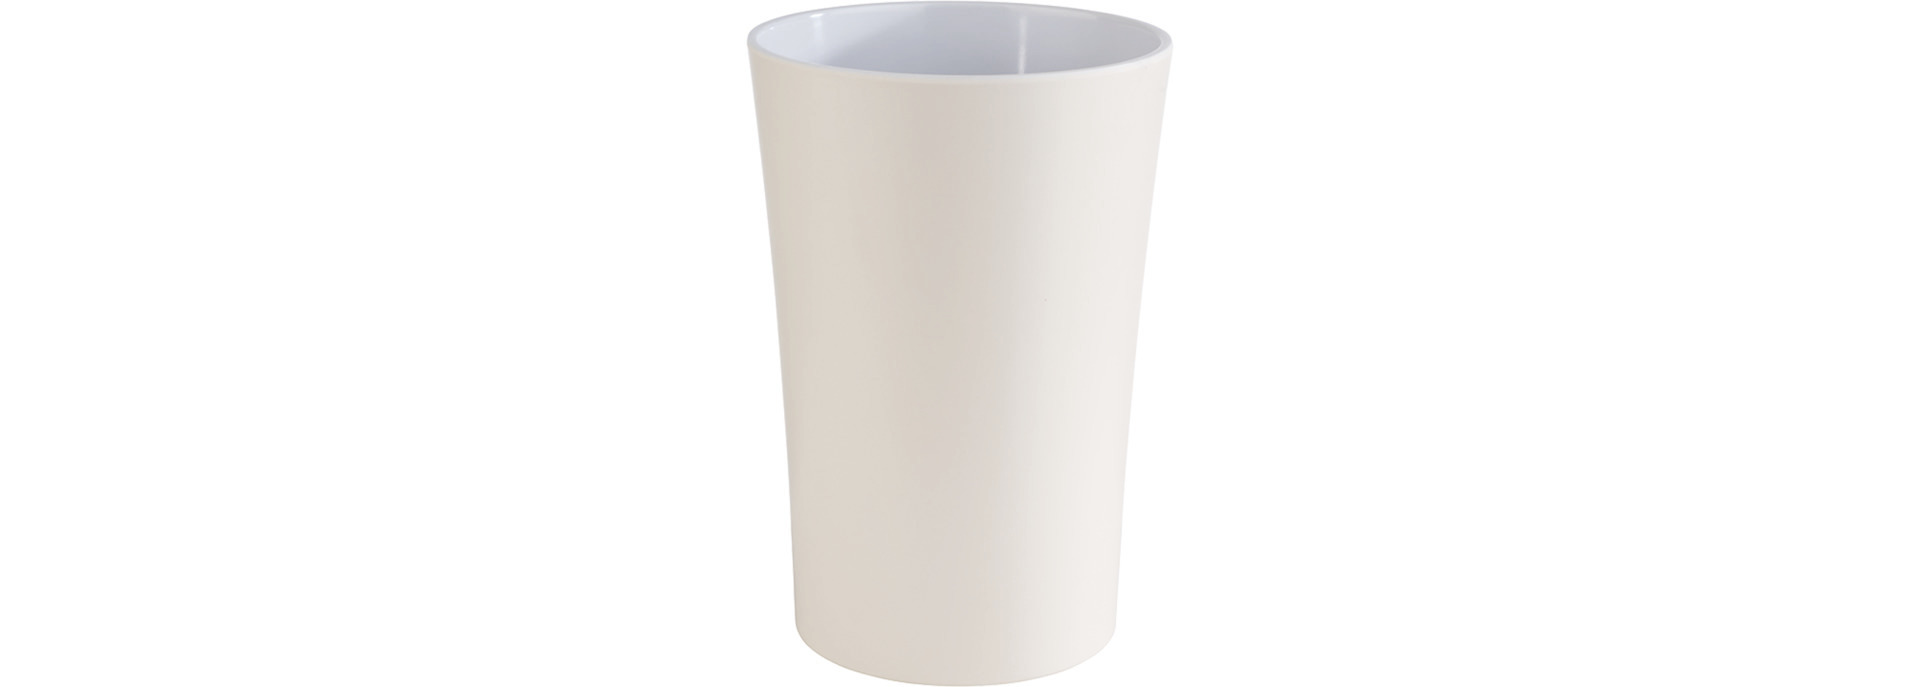 Dressingtopf 1,50 l / 130 x 130 x 195 mm Melamin beige